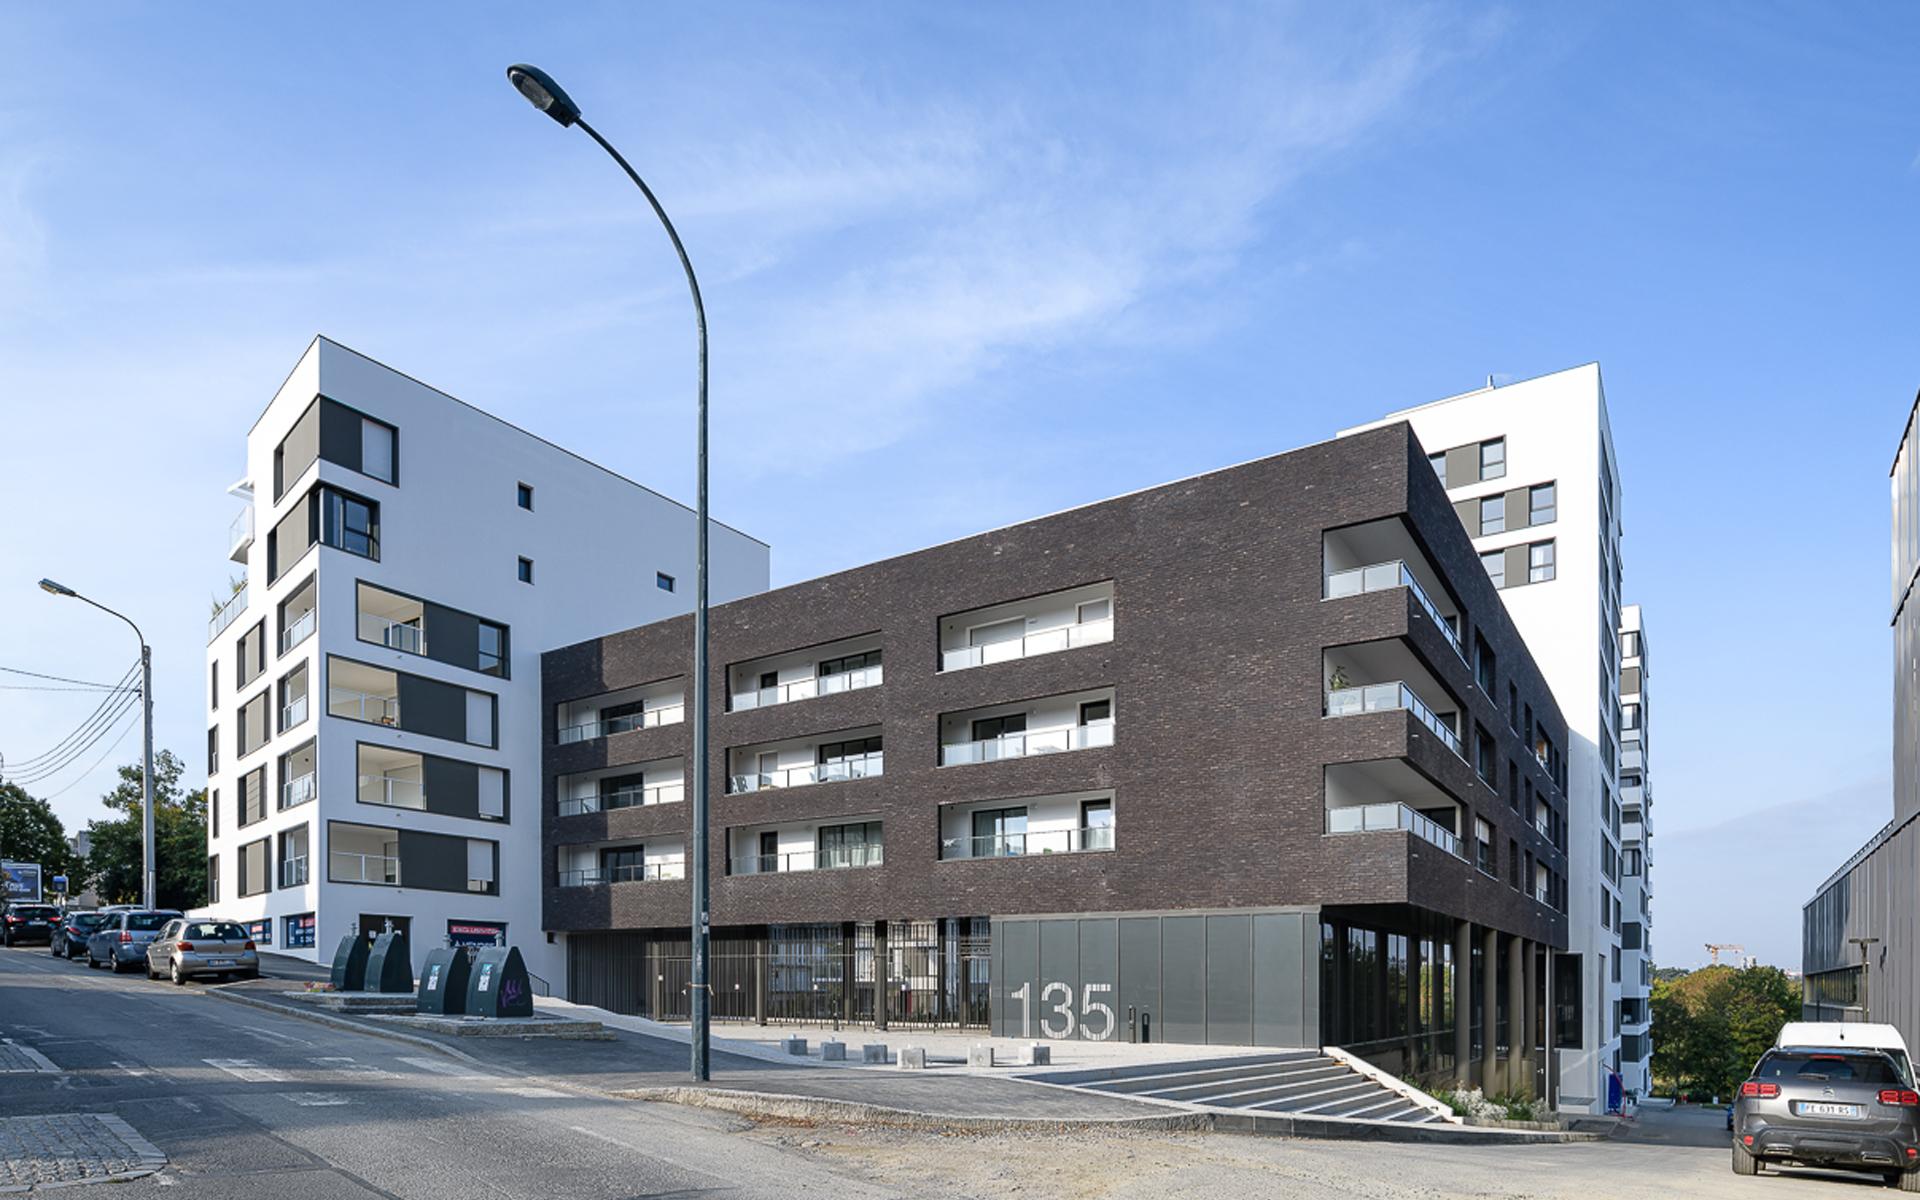 les-cadets-de-bretagne-08-rennes-architecture-bretagne-paumier-architectes-1920×1200